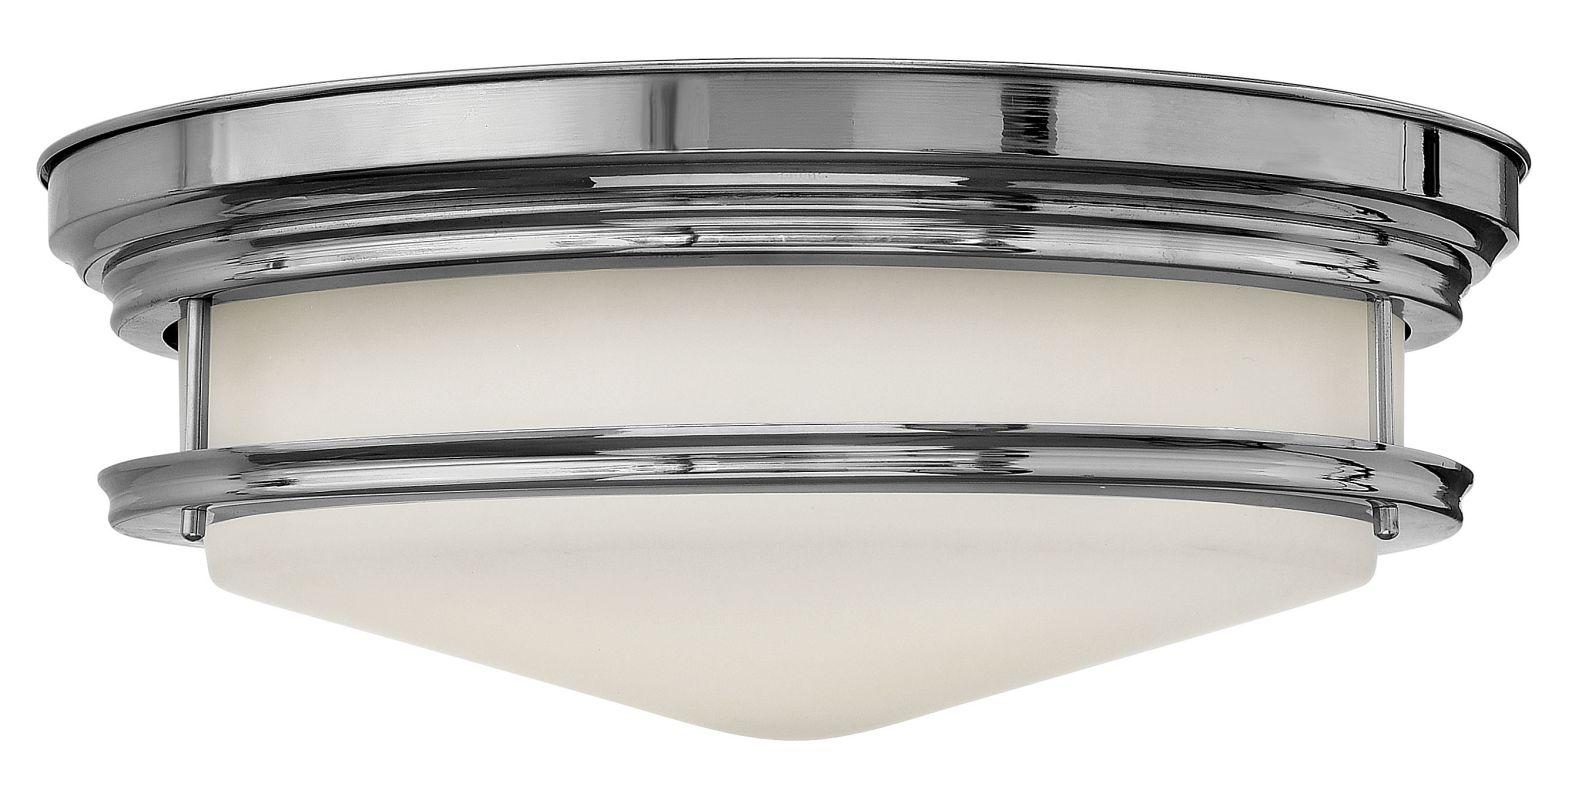 Hinkley Lighting 3304-LED 1 Light LED Indoor Flush Mount Ceiling